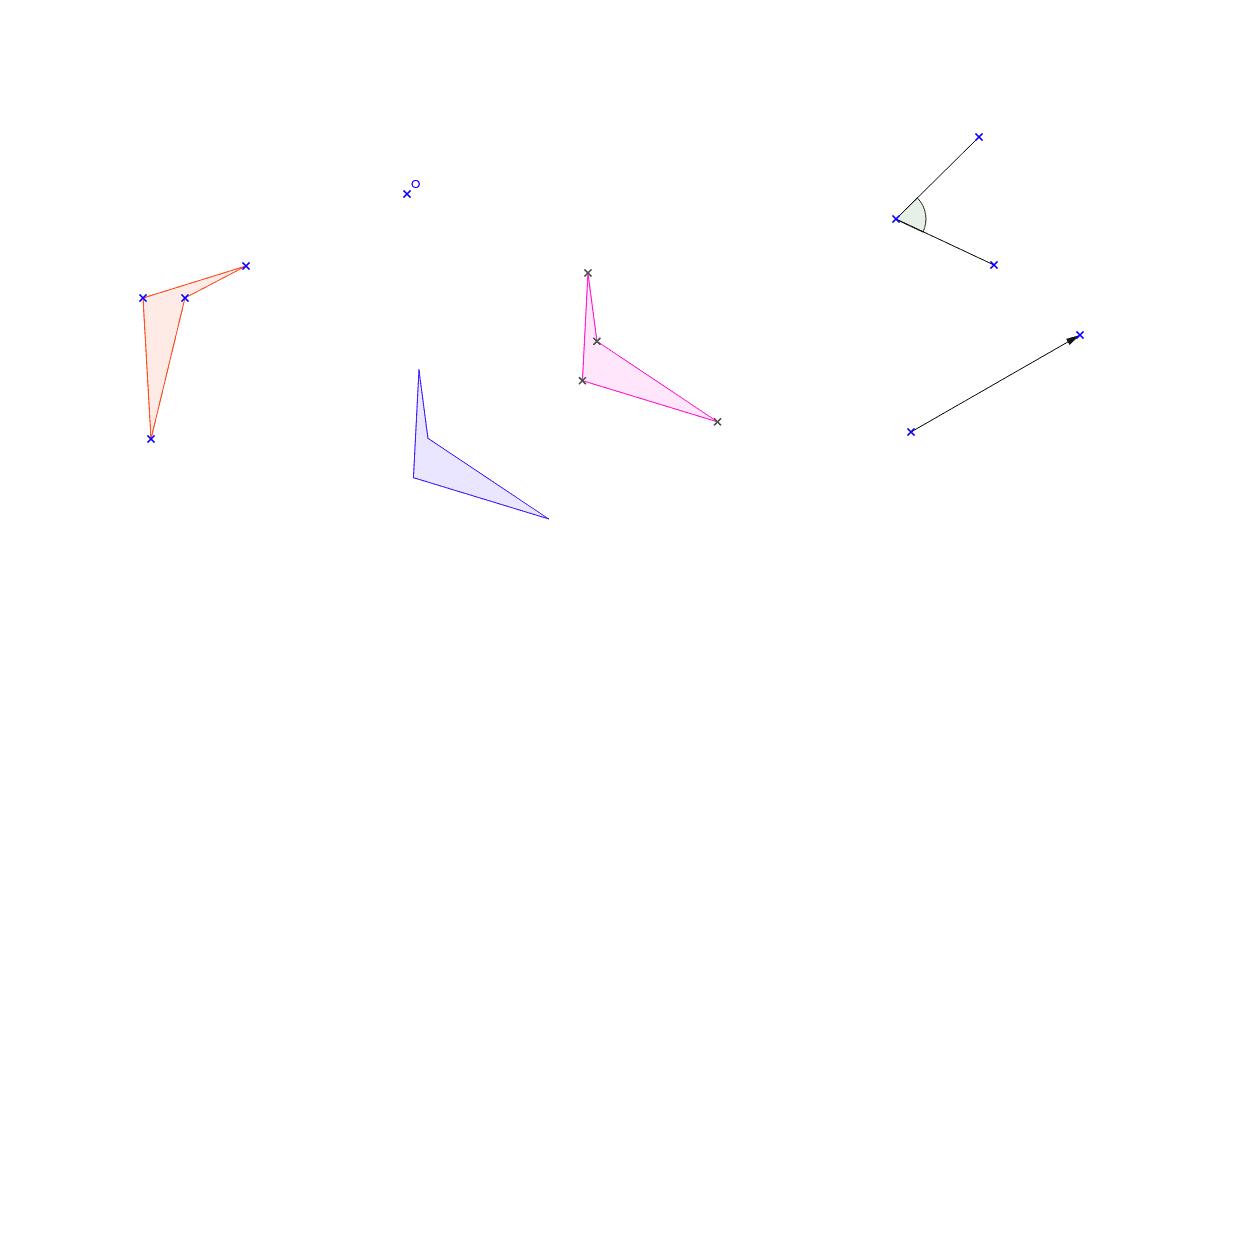 Che isometria si ottiene componendo una rotazione e una traslazione?